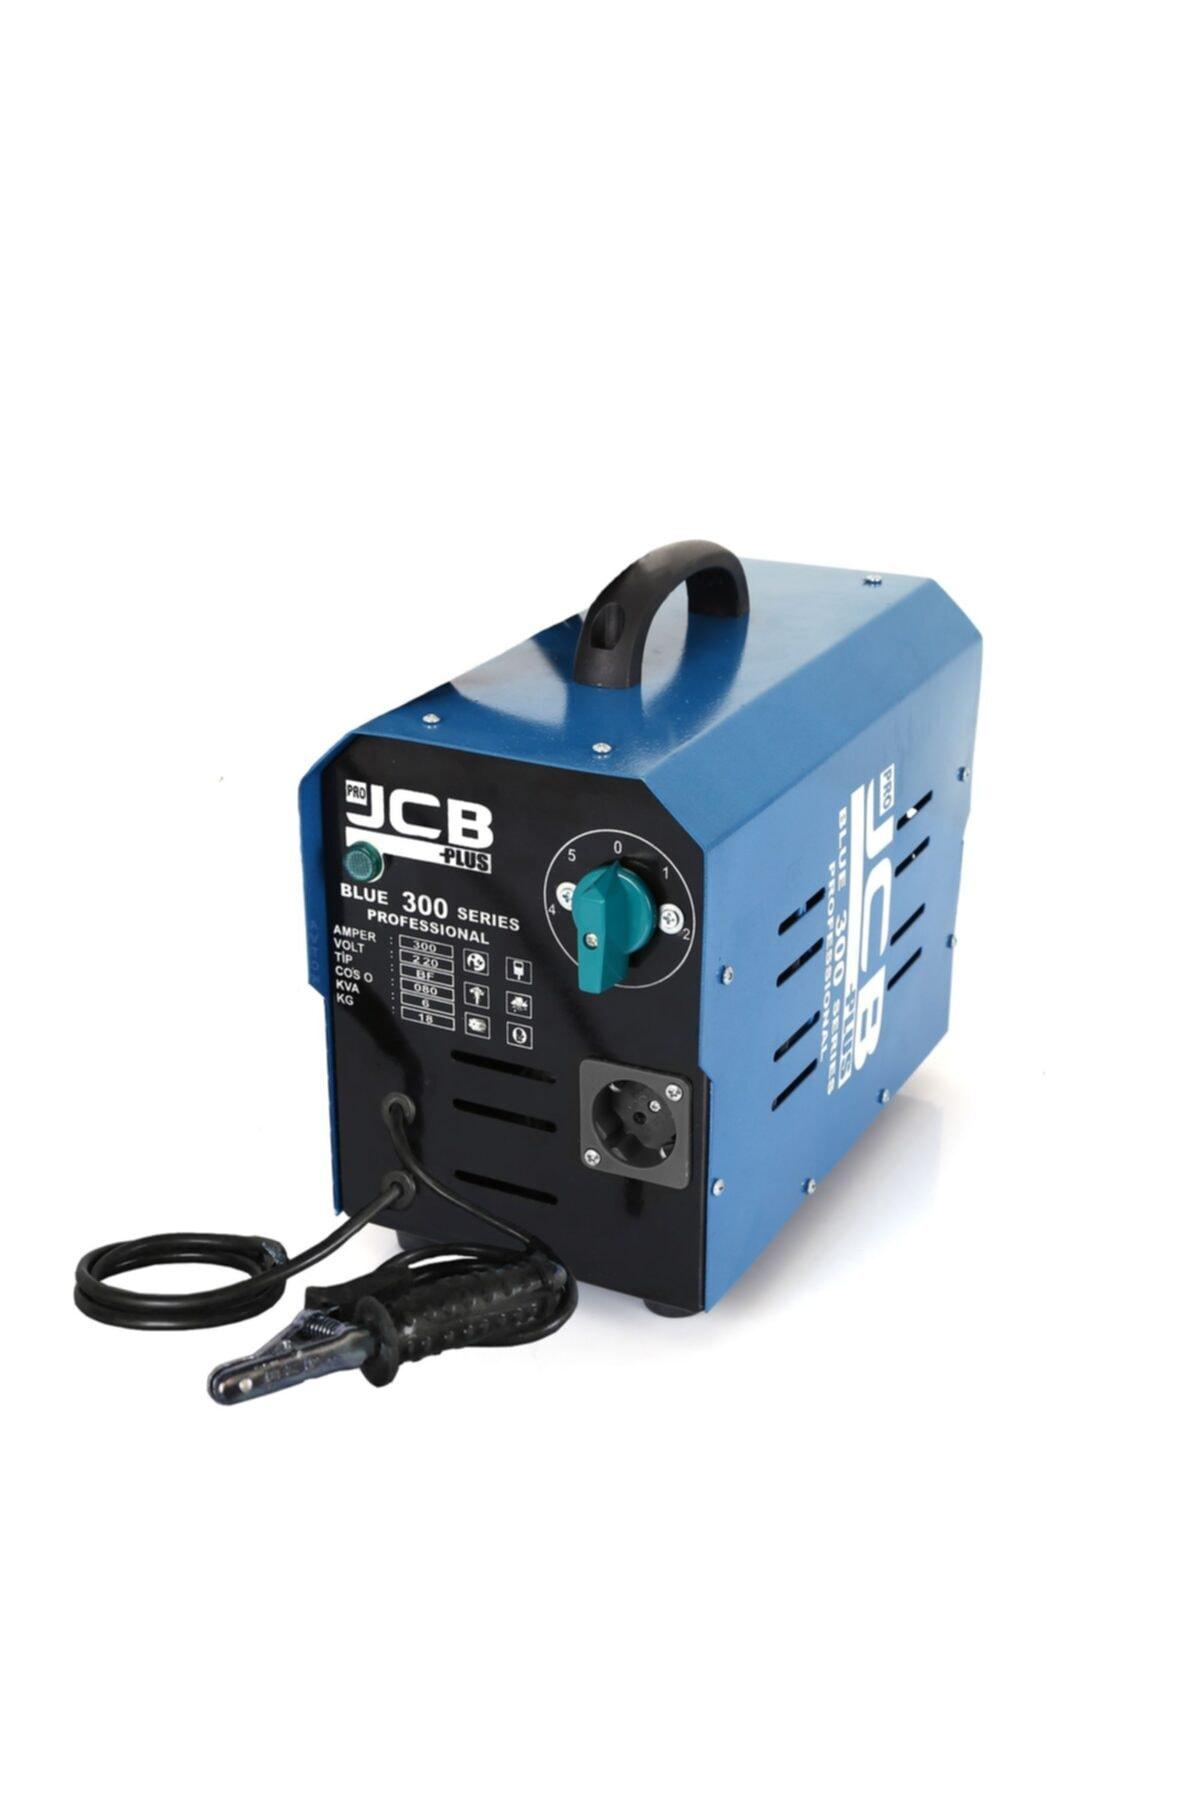 ProJCB Plus Jcb Pro Plus BLUE 300 5 Kademeli Kaynak Makinası 300 Amper Bakır Sargılı 2000 W Spiral Hediyeli 2